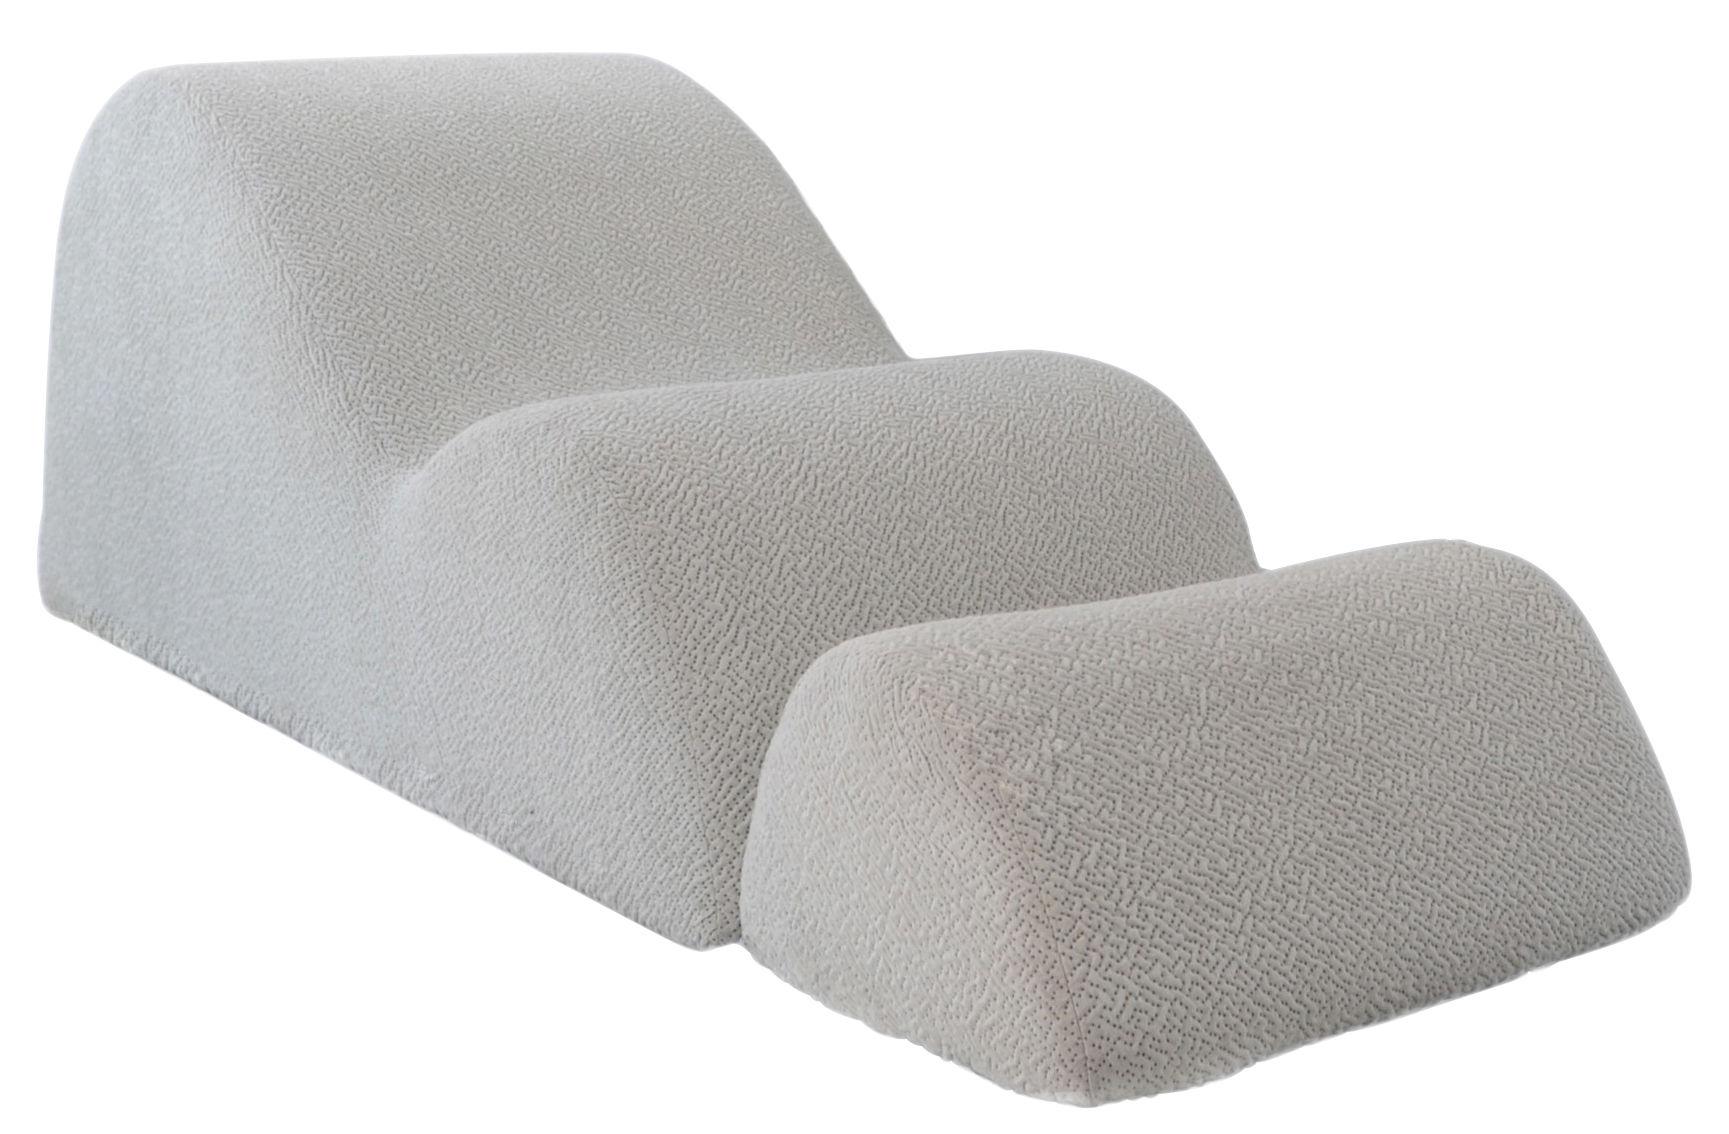 Mobilier - Fauteuils - Chauffeuse Dune / Avec repose-pieds - Smarin - Blanc cassé - Acrylique, Laine